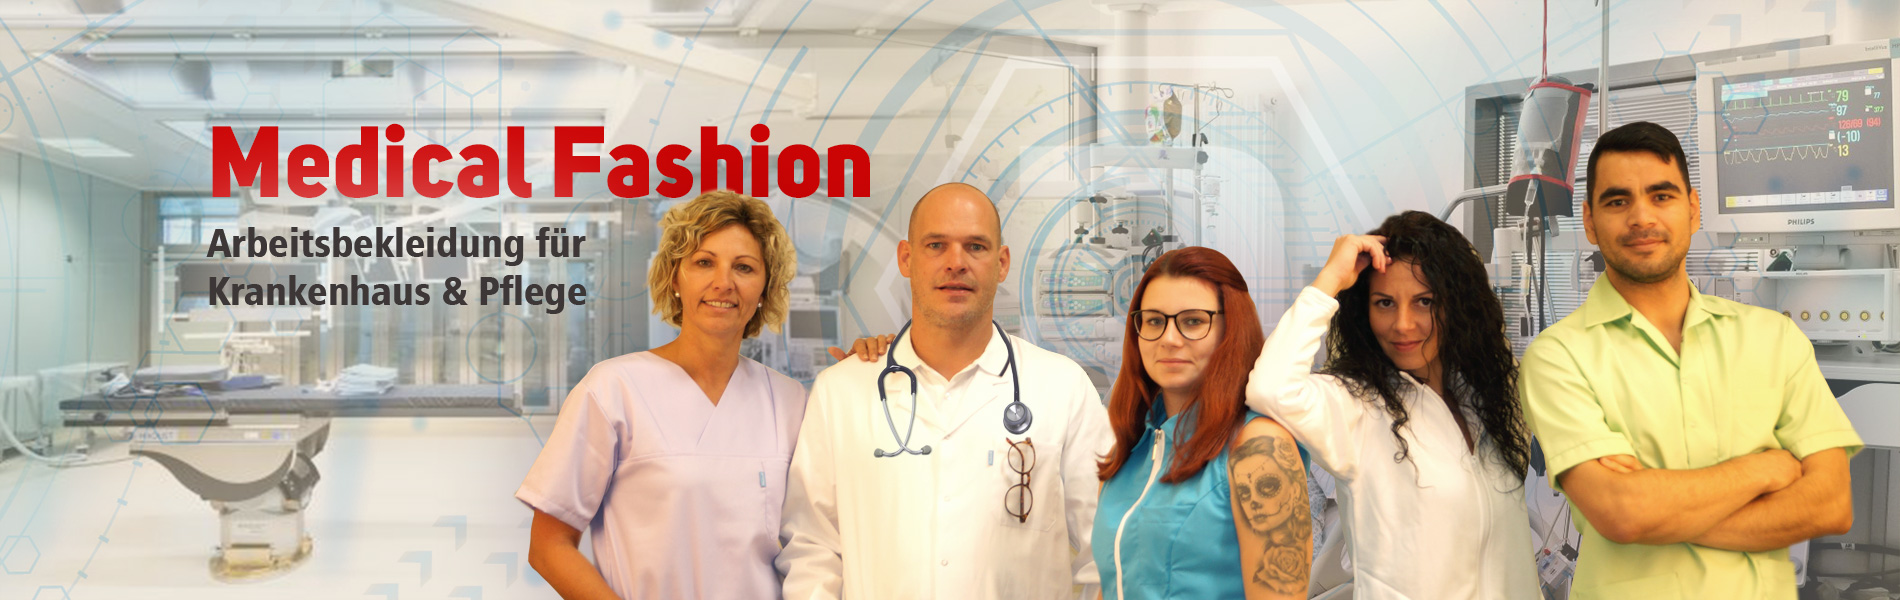 Reindl Pflege- und Krankenhausbekleidung